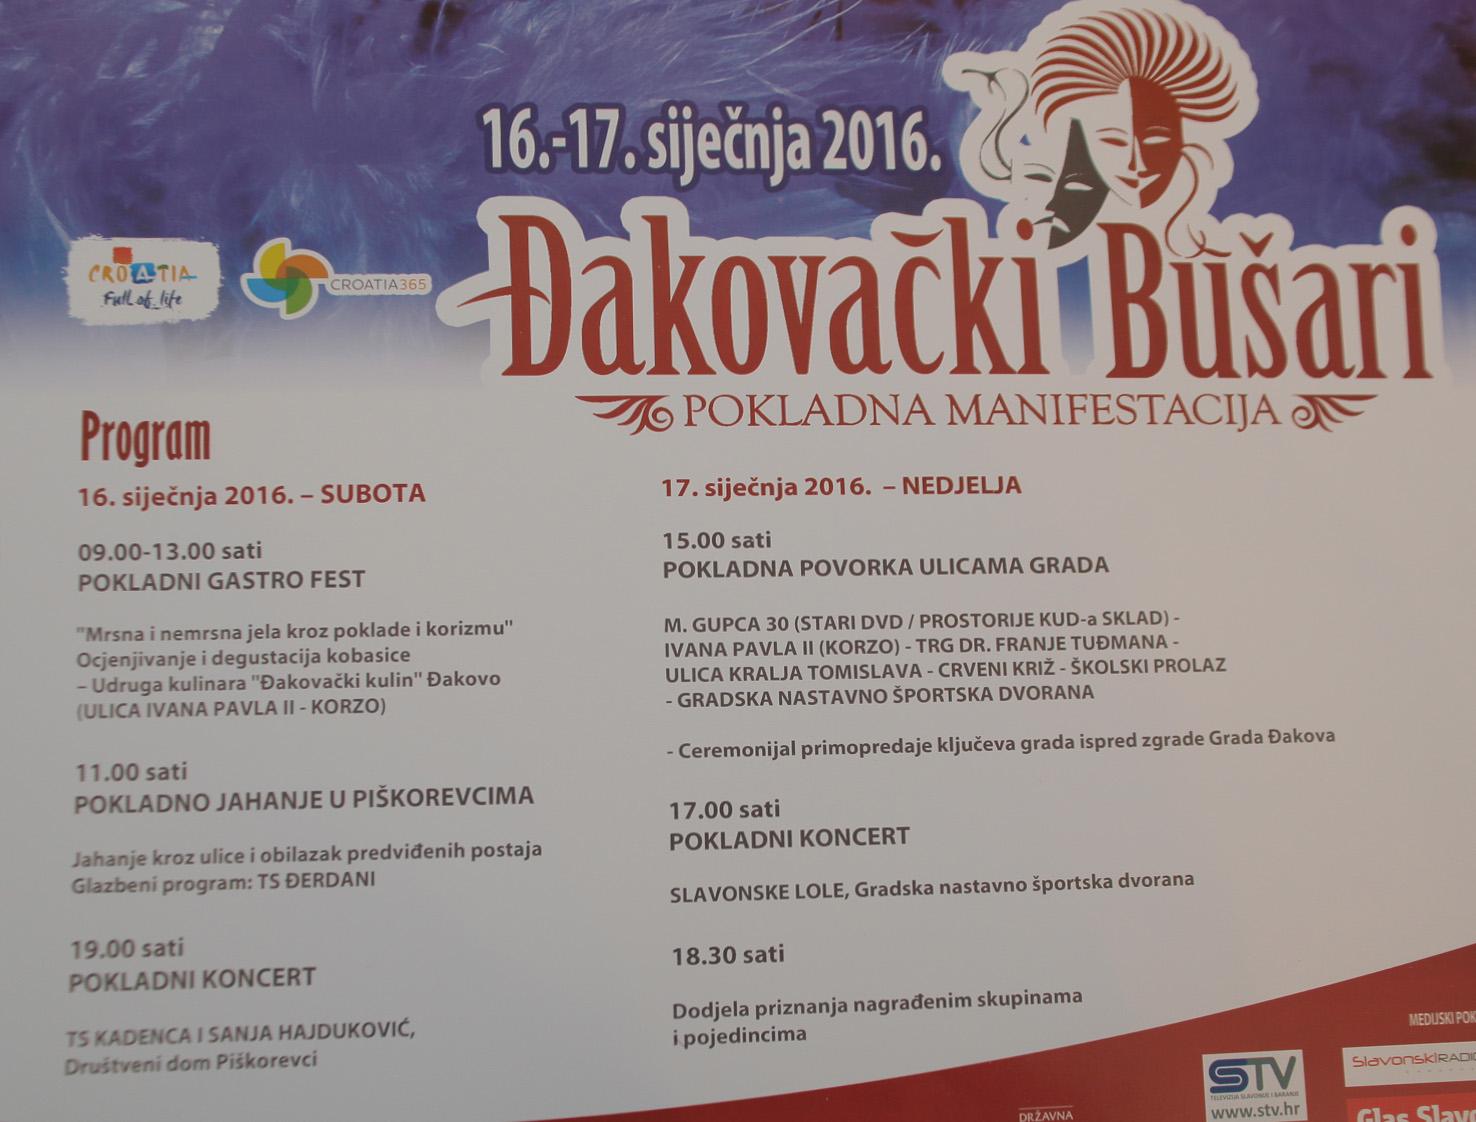 ĐAKOVAČKI BUŠARI 2016.